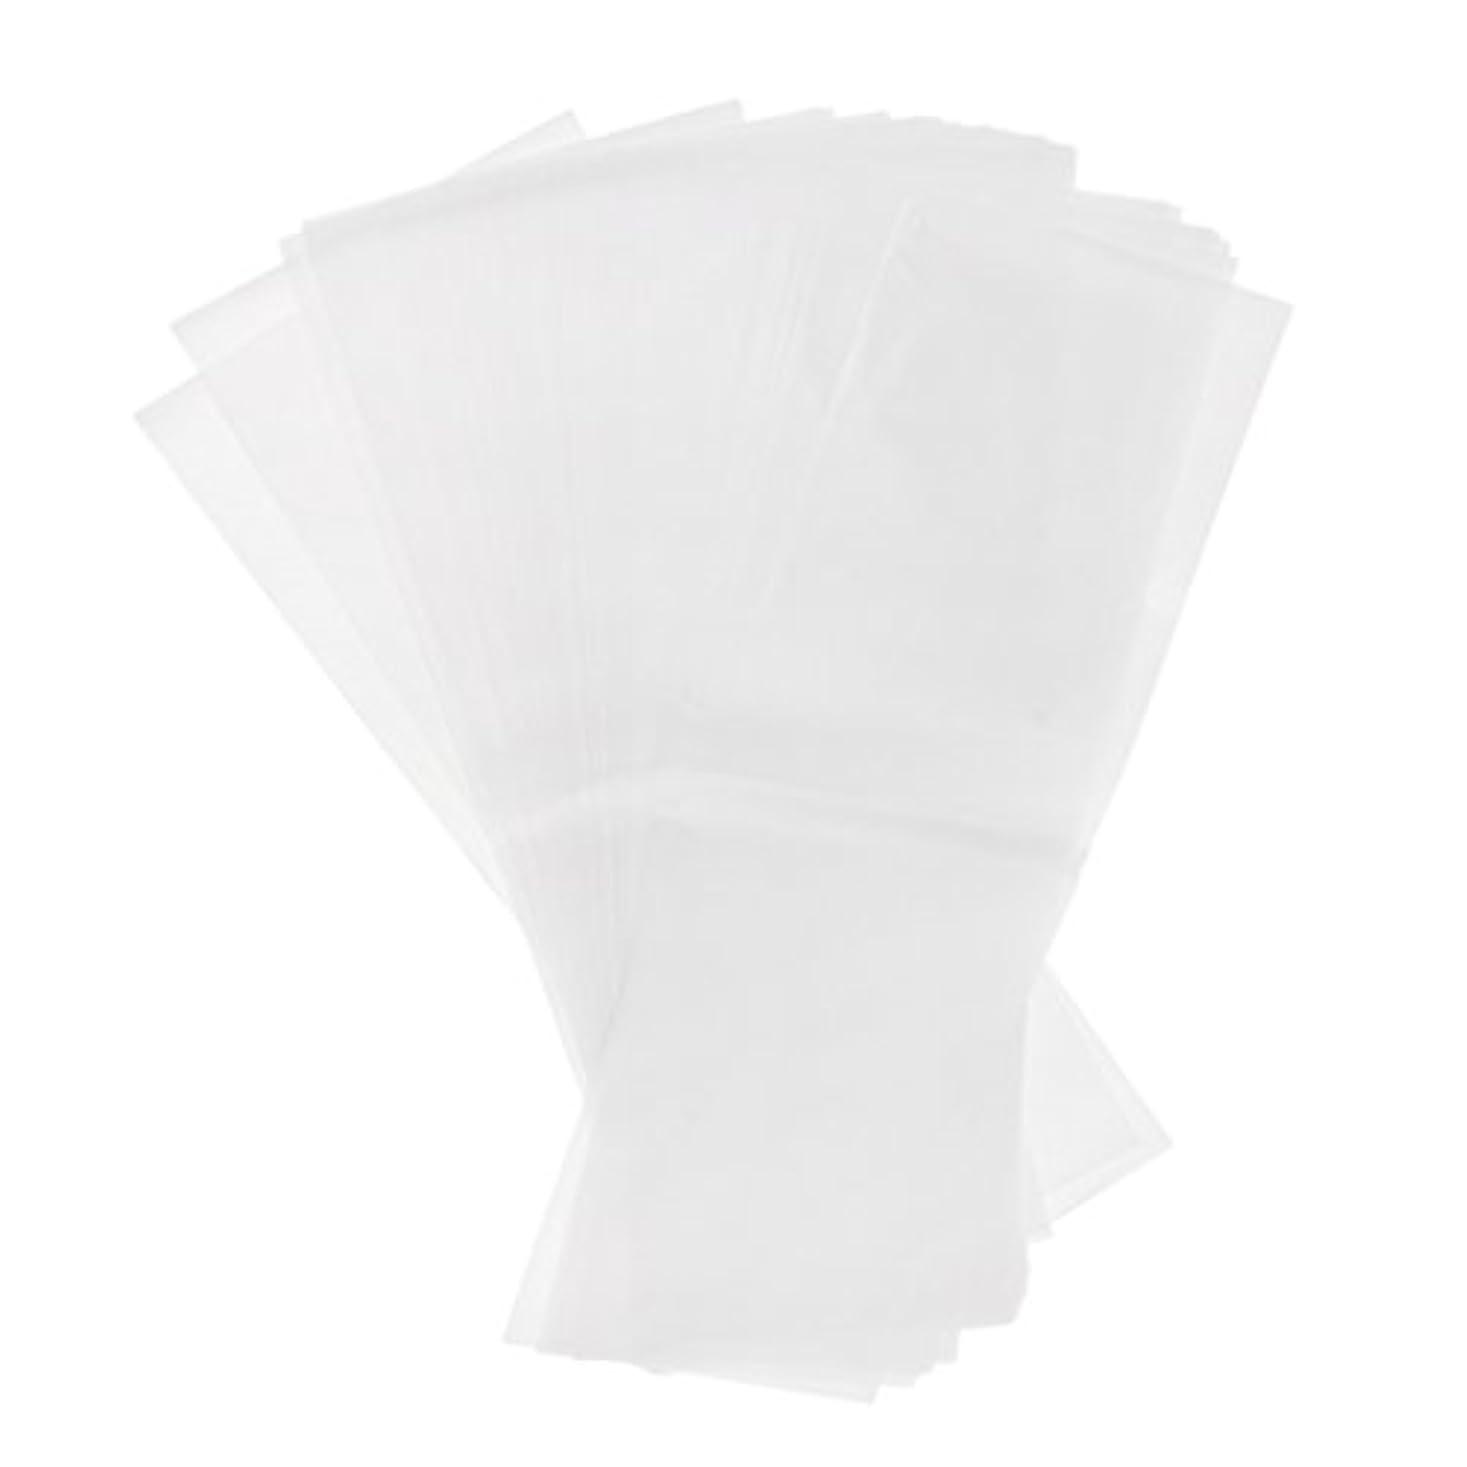 サラダアクロバット急速な約100個 プラスチック製 染毛紙 ハイライトシート ヘア染め 髪染め